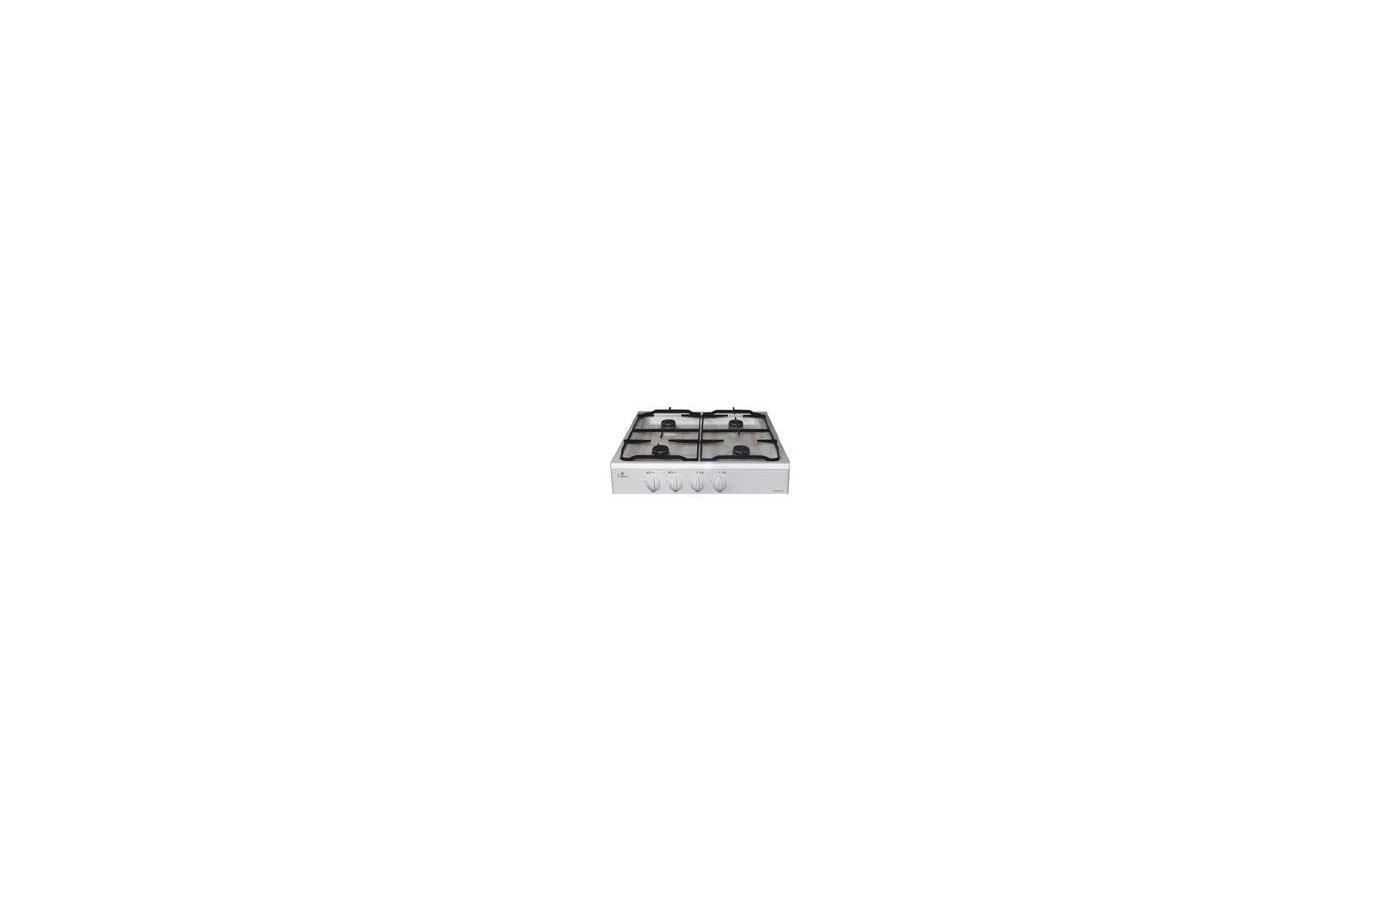 Плитка газовая DARINA L NGM 441 03 W